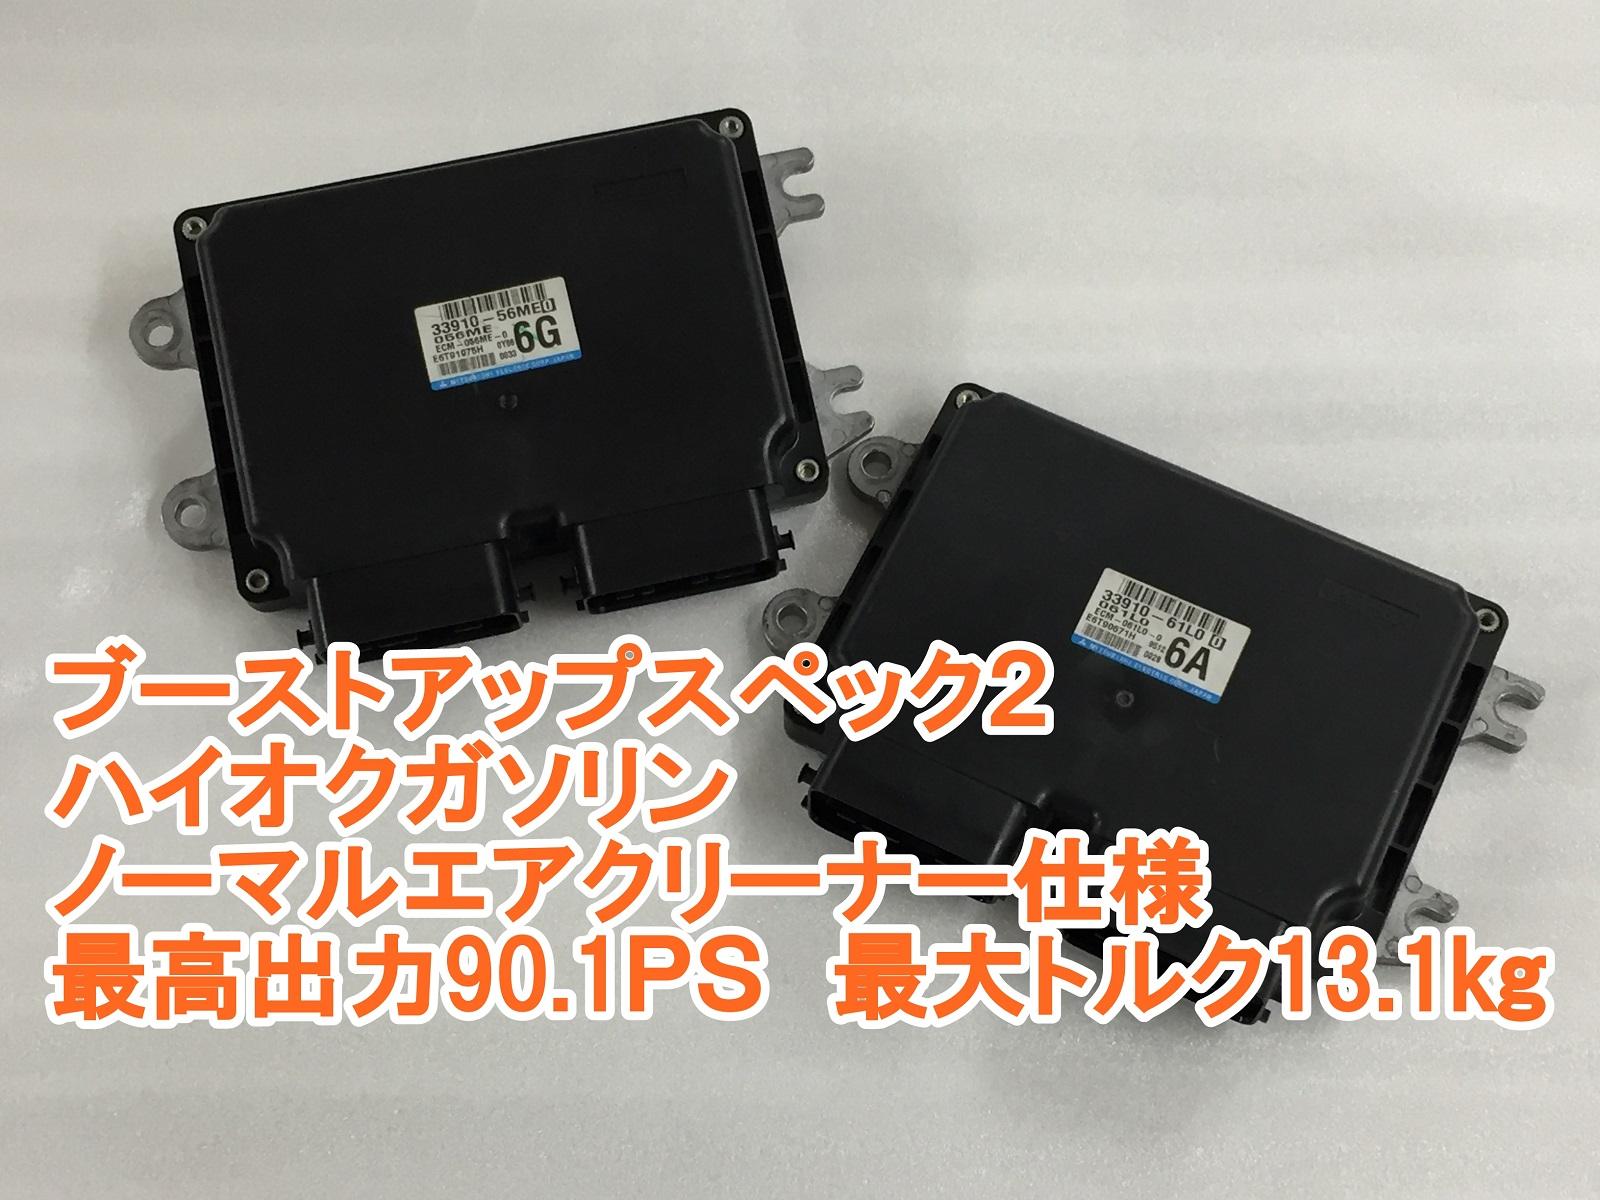 記念日 ブーストアップクレバー 選択 JB23:7型以降に対応 SP2 ノーマルBOXエアクリーナーブーストUP仕様 ハイオク